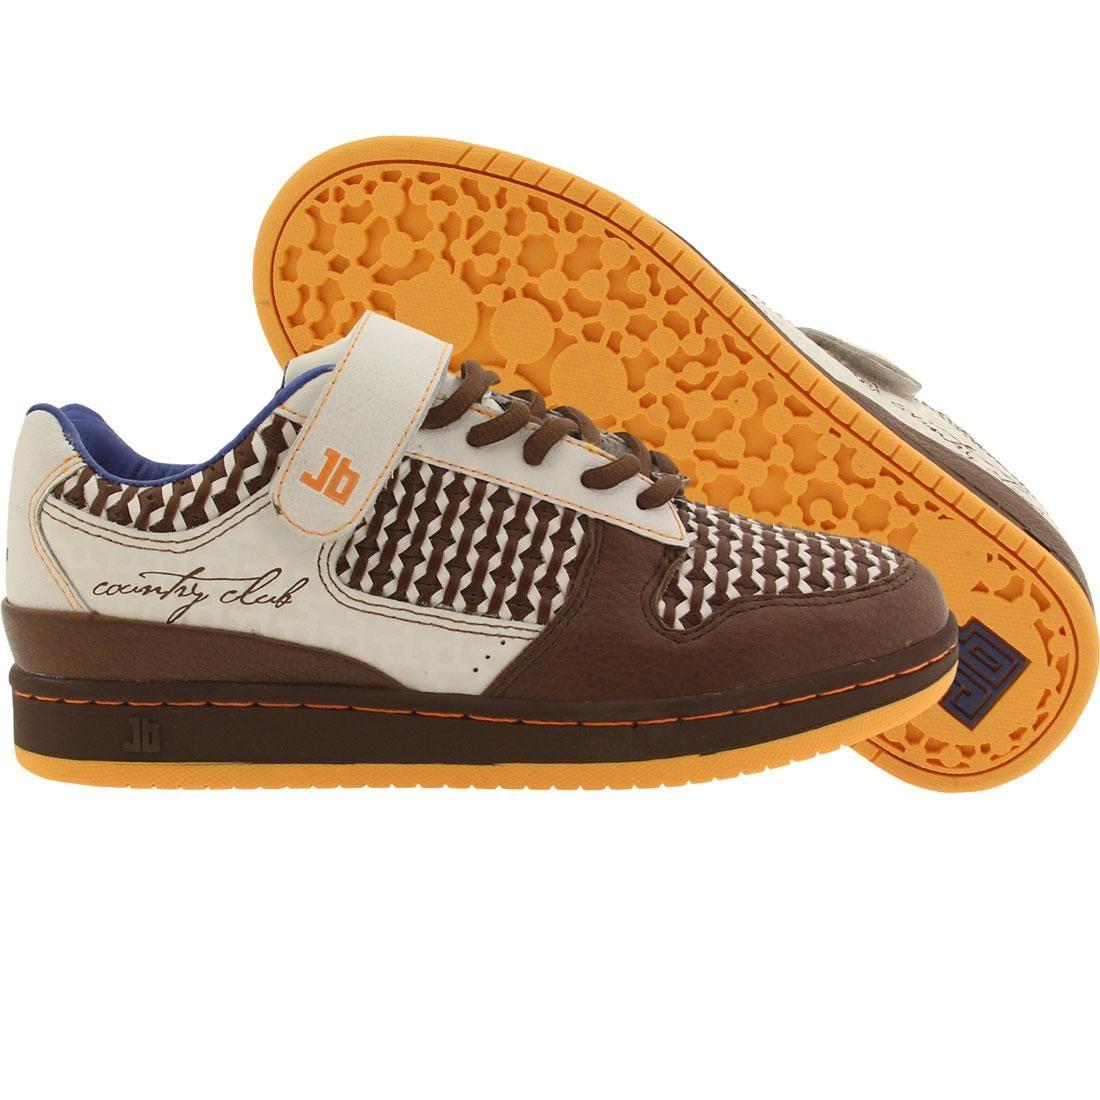 【海外限定】青 ブルー 靴 メンズ靴 【 BLUE JB CLASSICS GETLO REFLEX WEAVES BROWN NEON 】